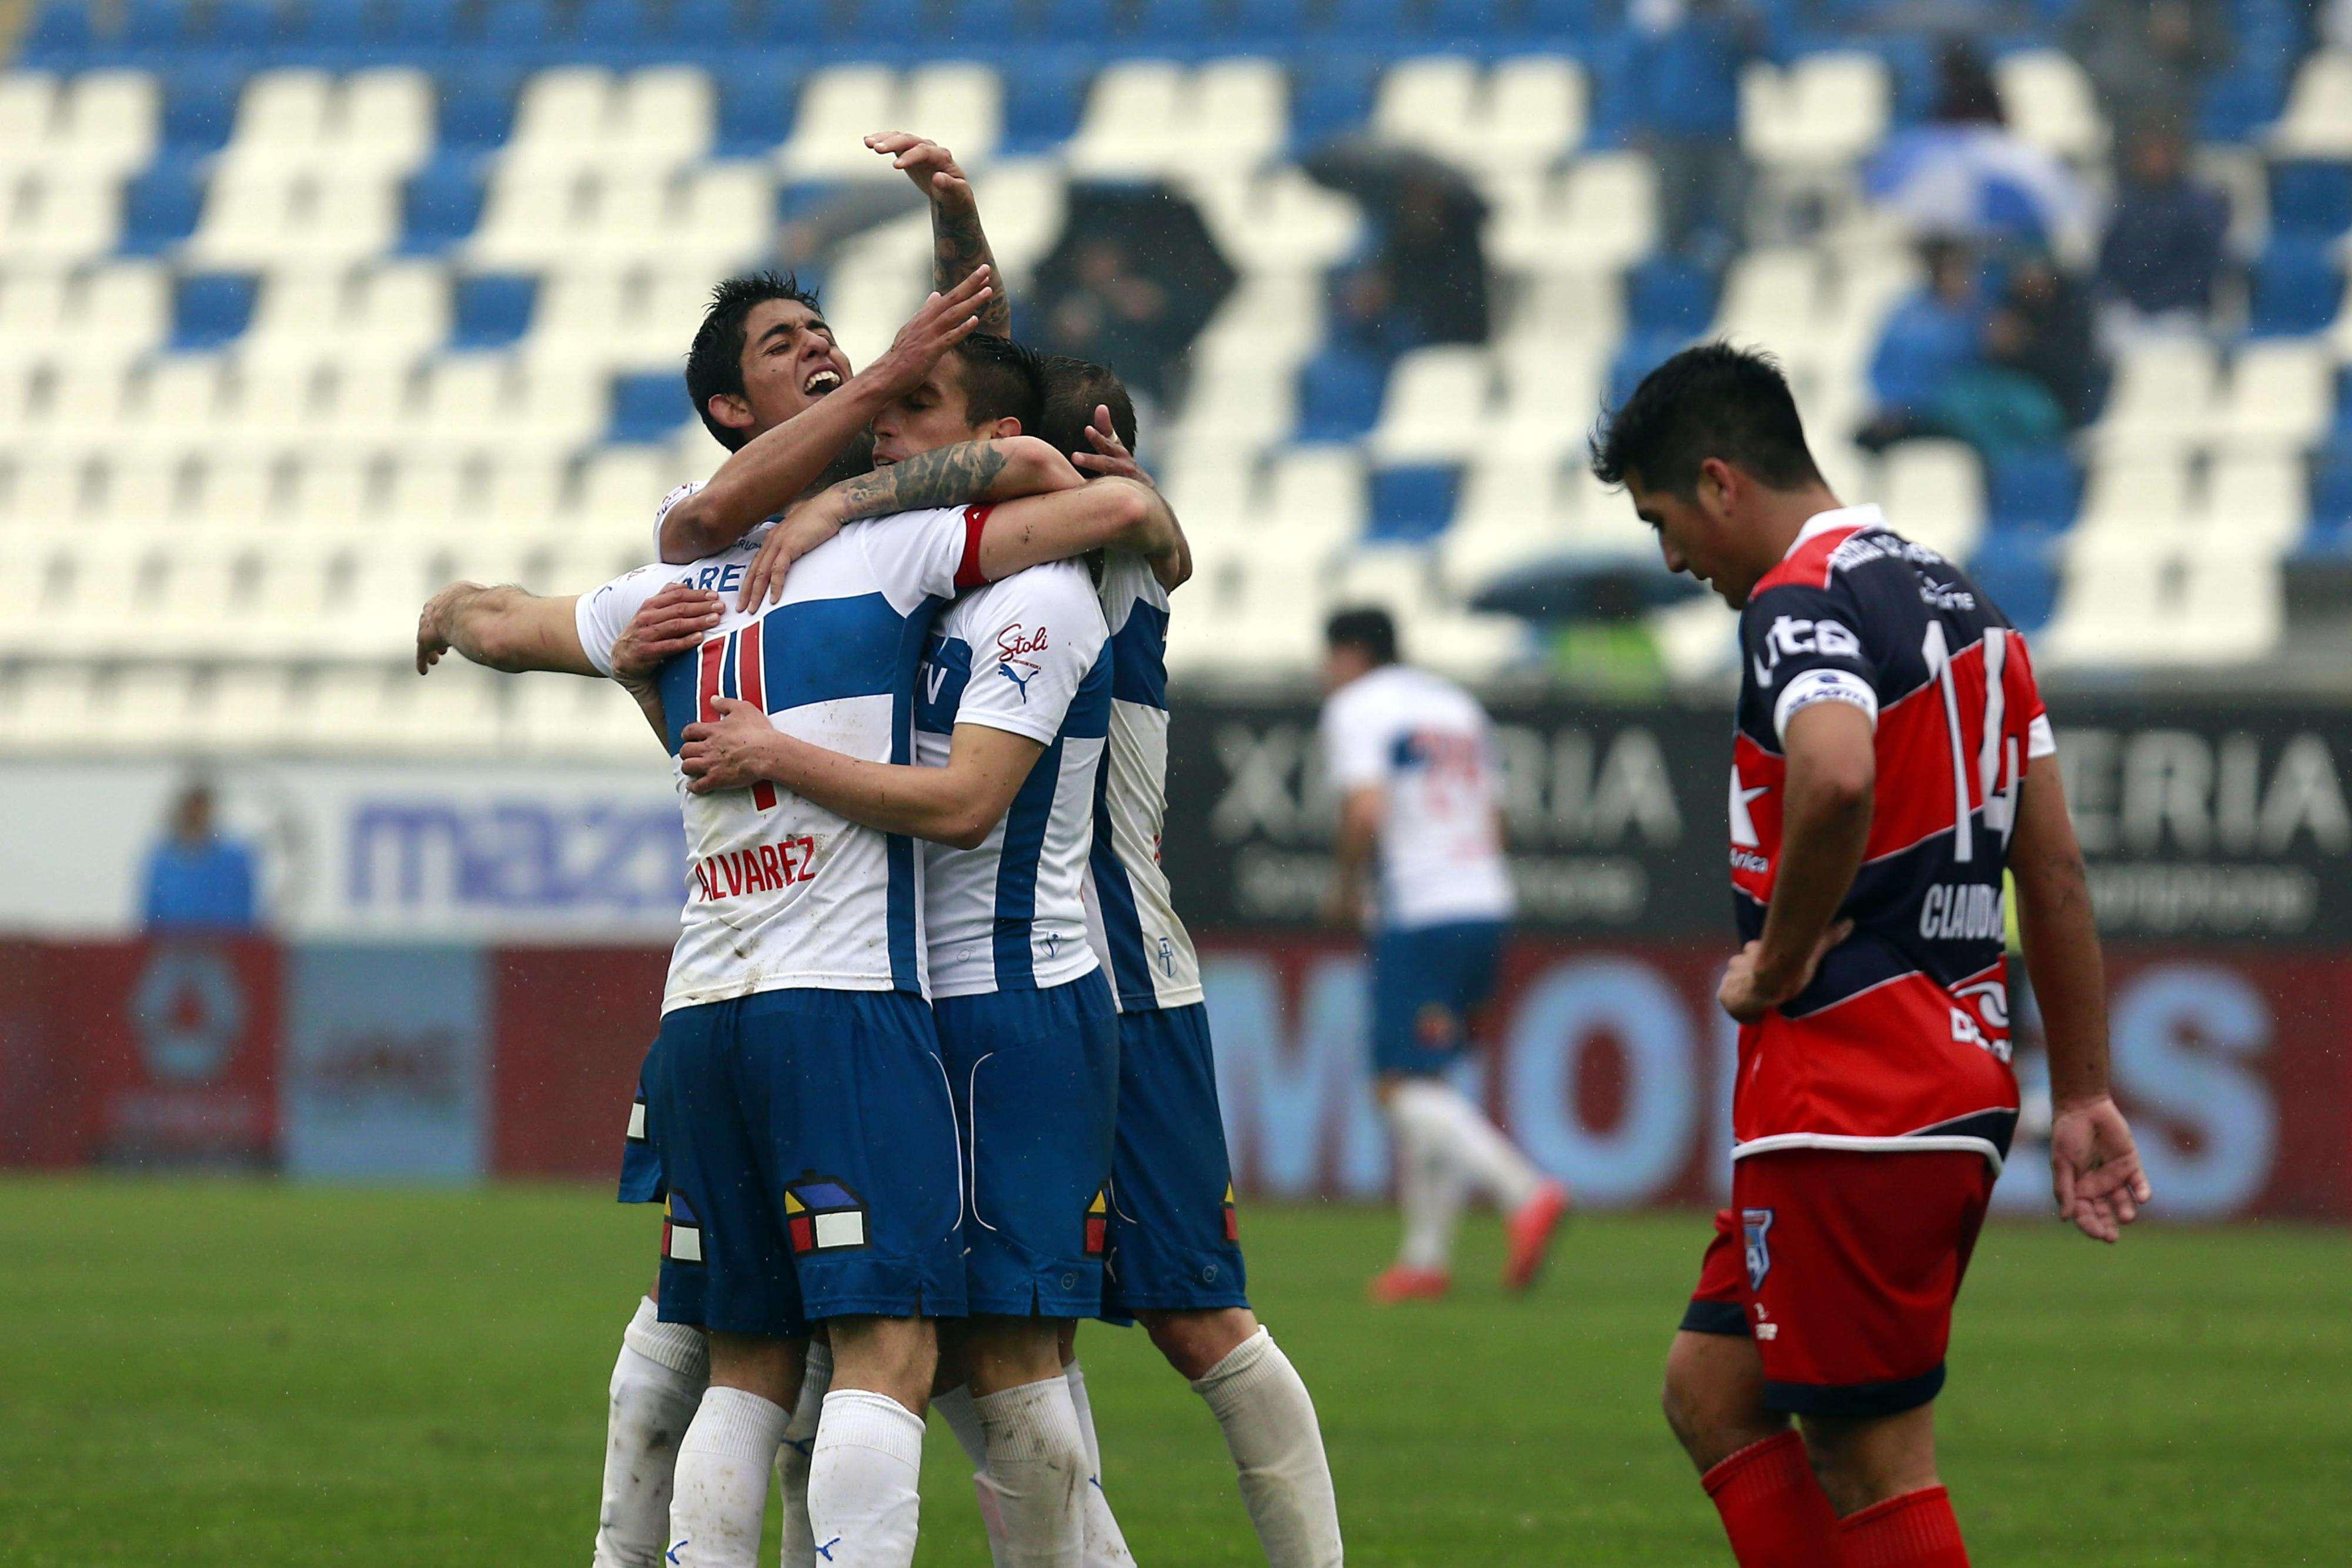 Universidad Católica venció por 2-0 a Arica con dos tantos de José Luis Muñoz, en el duelo válido por la fecha 8 del Torneo de Apertura, jugado en San Carlos de Apoquindo. Foto: Agencia UNO